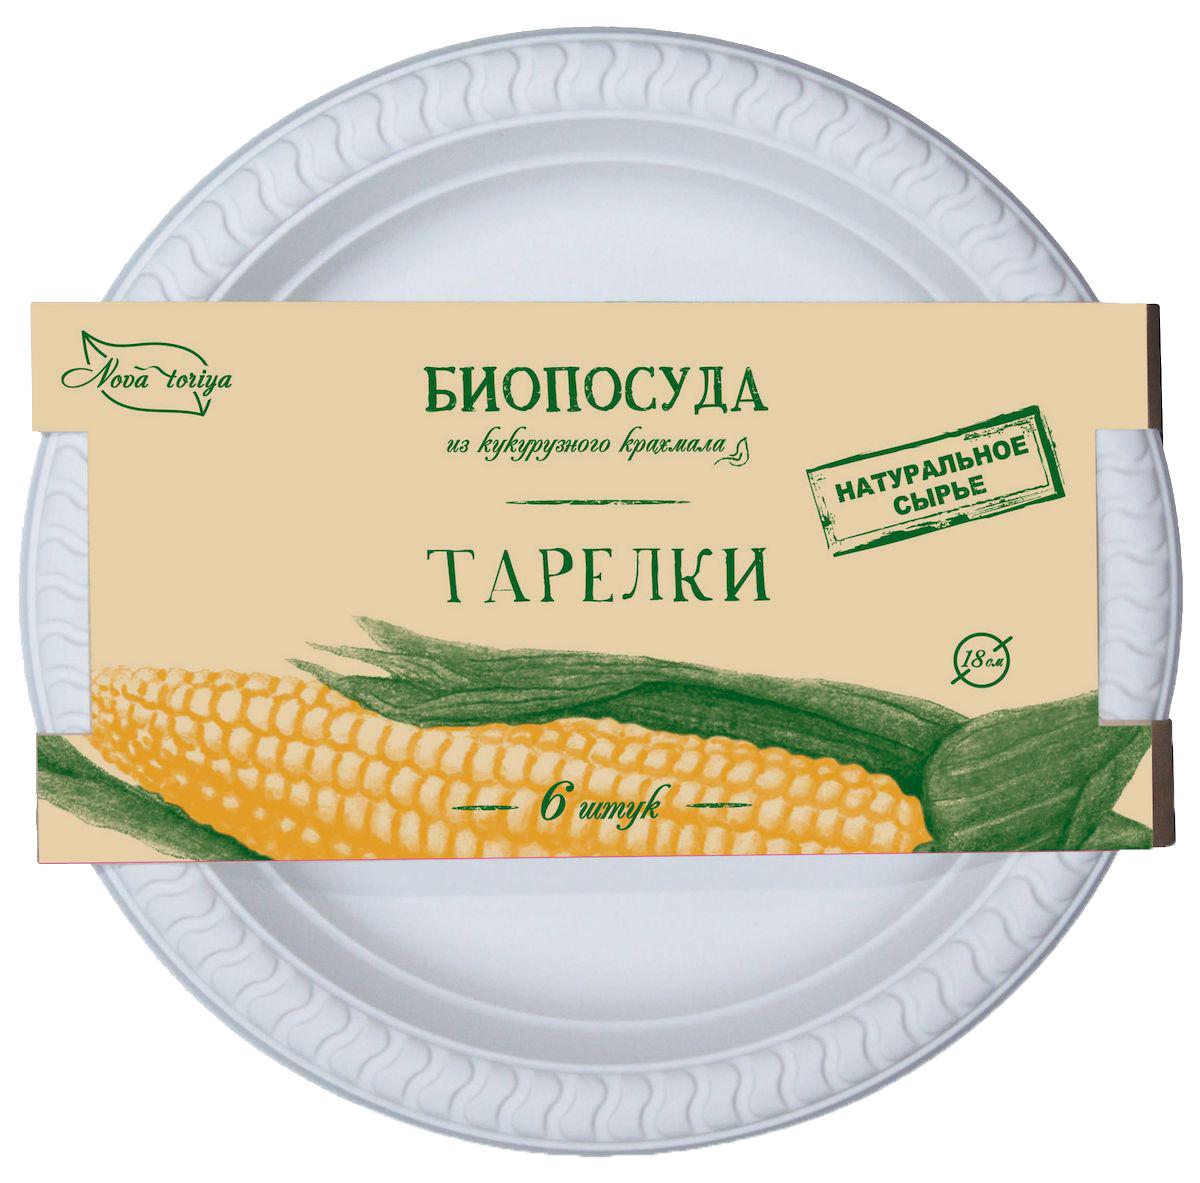 Набор одноразовых тарелок Nova Toriya, диаметр 17,8 см, 6 шт13Безвредна для человека и окружающей среды